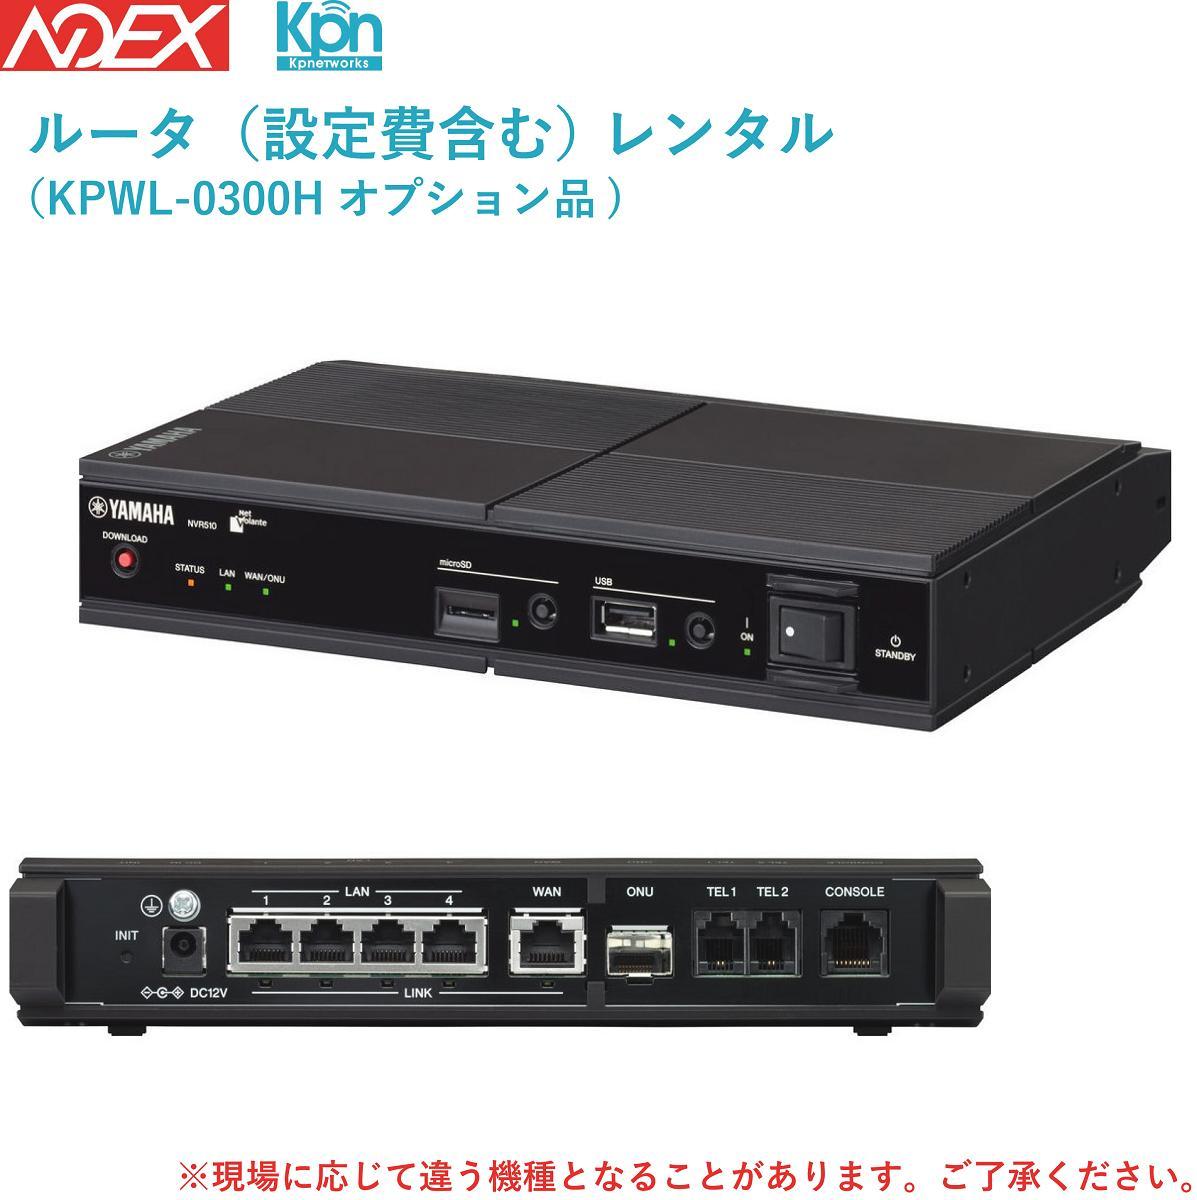 【レンタル】KPWL-0300H ルータ(設定費含む)